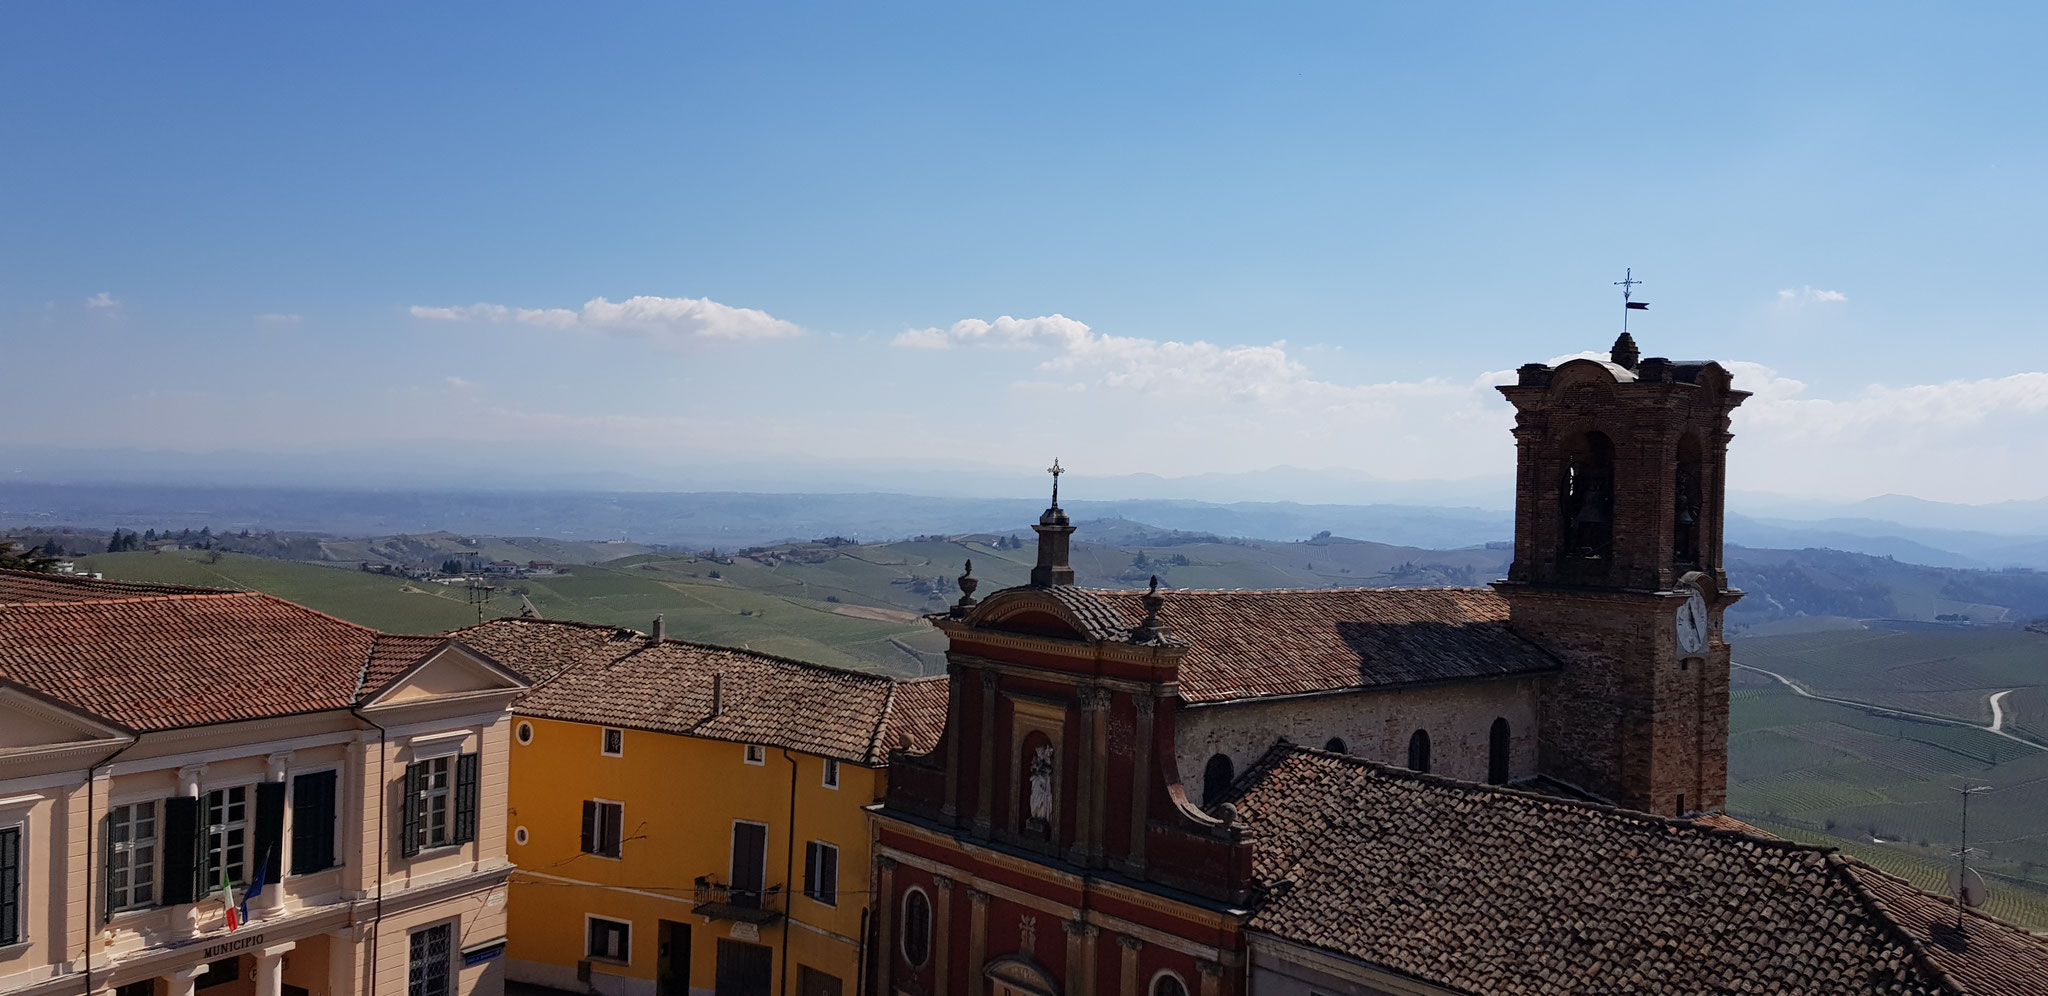 Alice Belle Colle, ein Dorf mit 360 Grad Aussicht